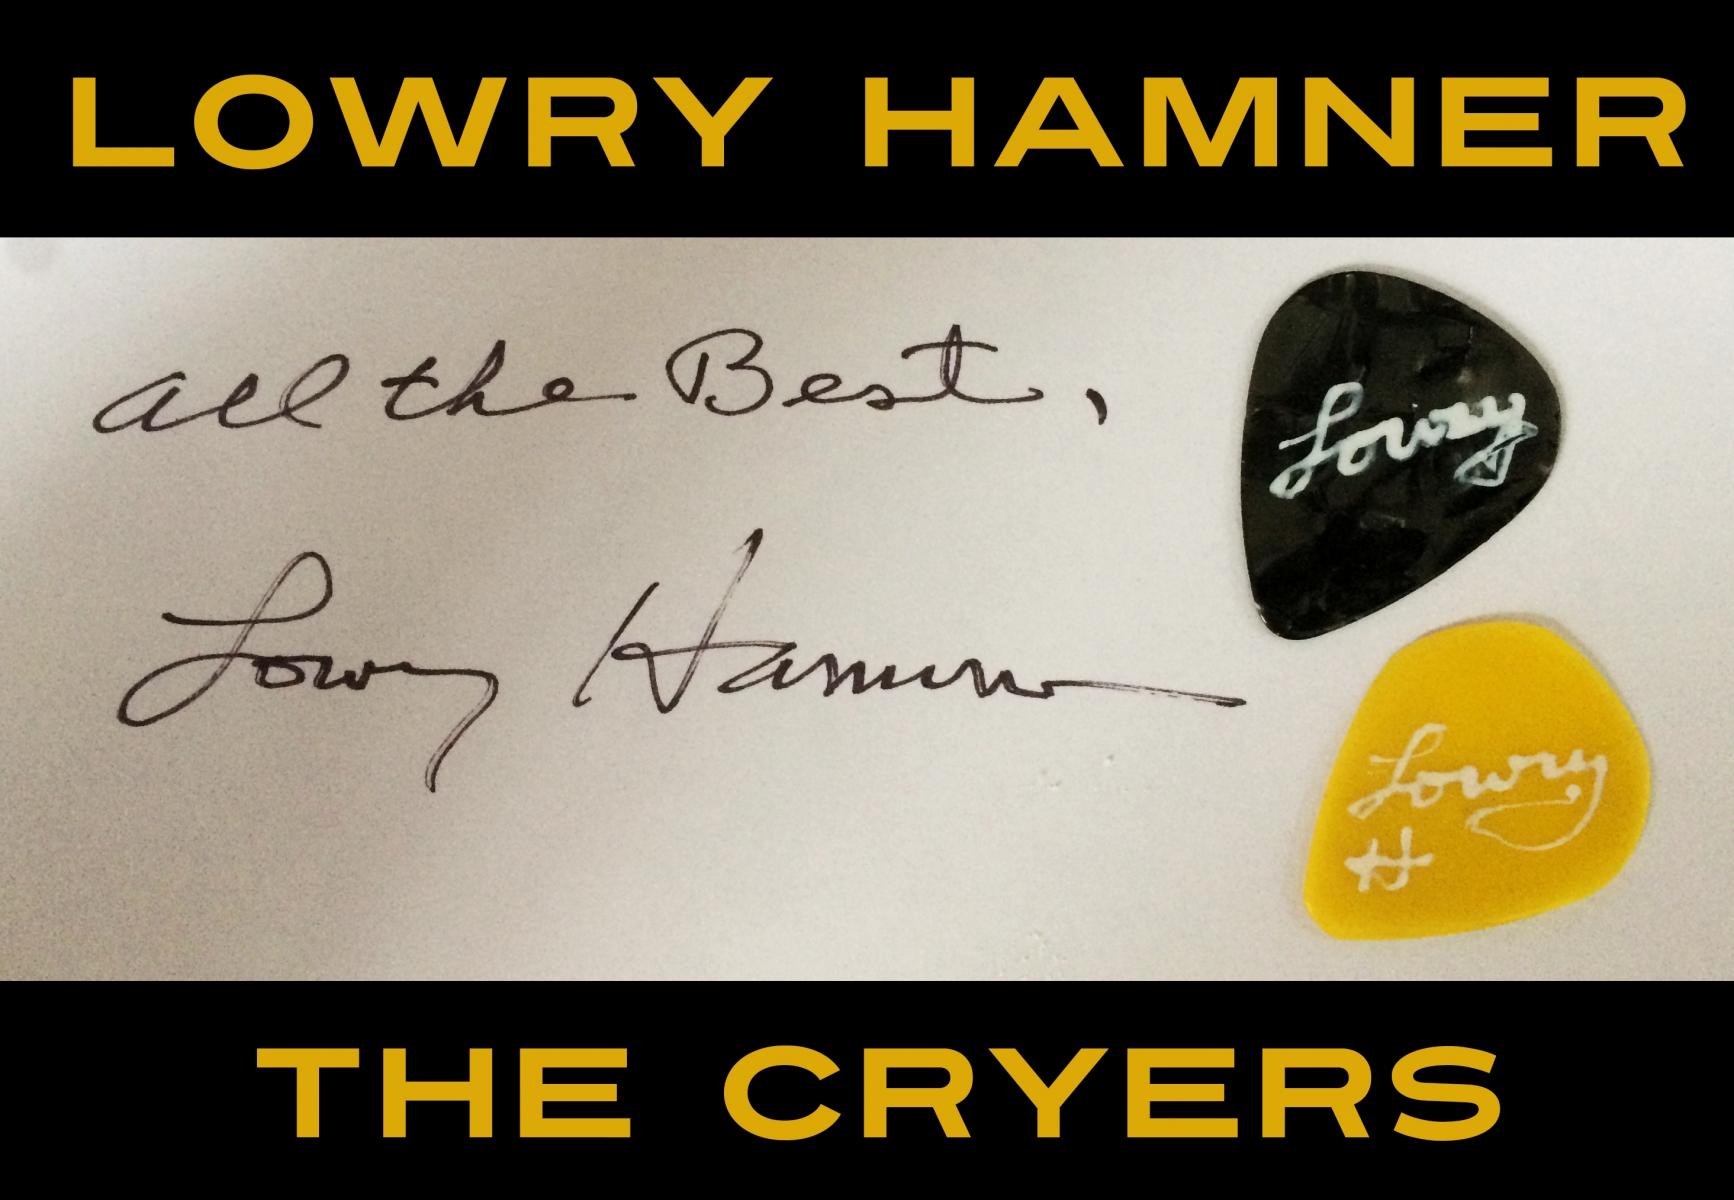 Lowry Hamner